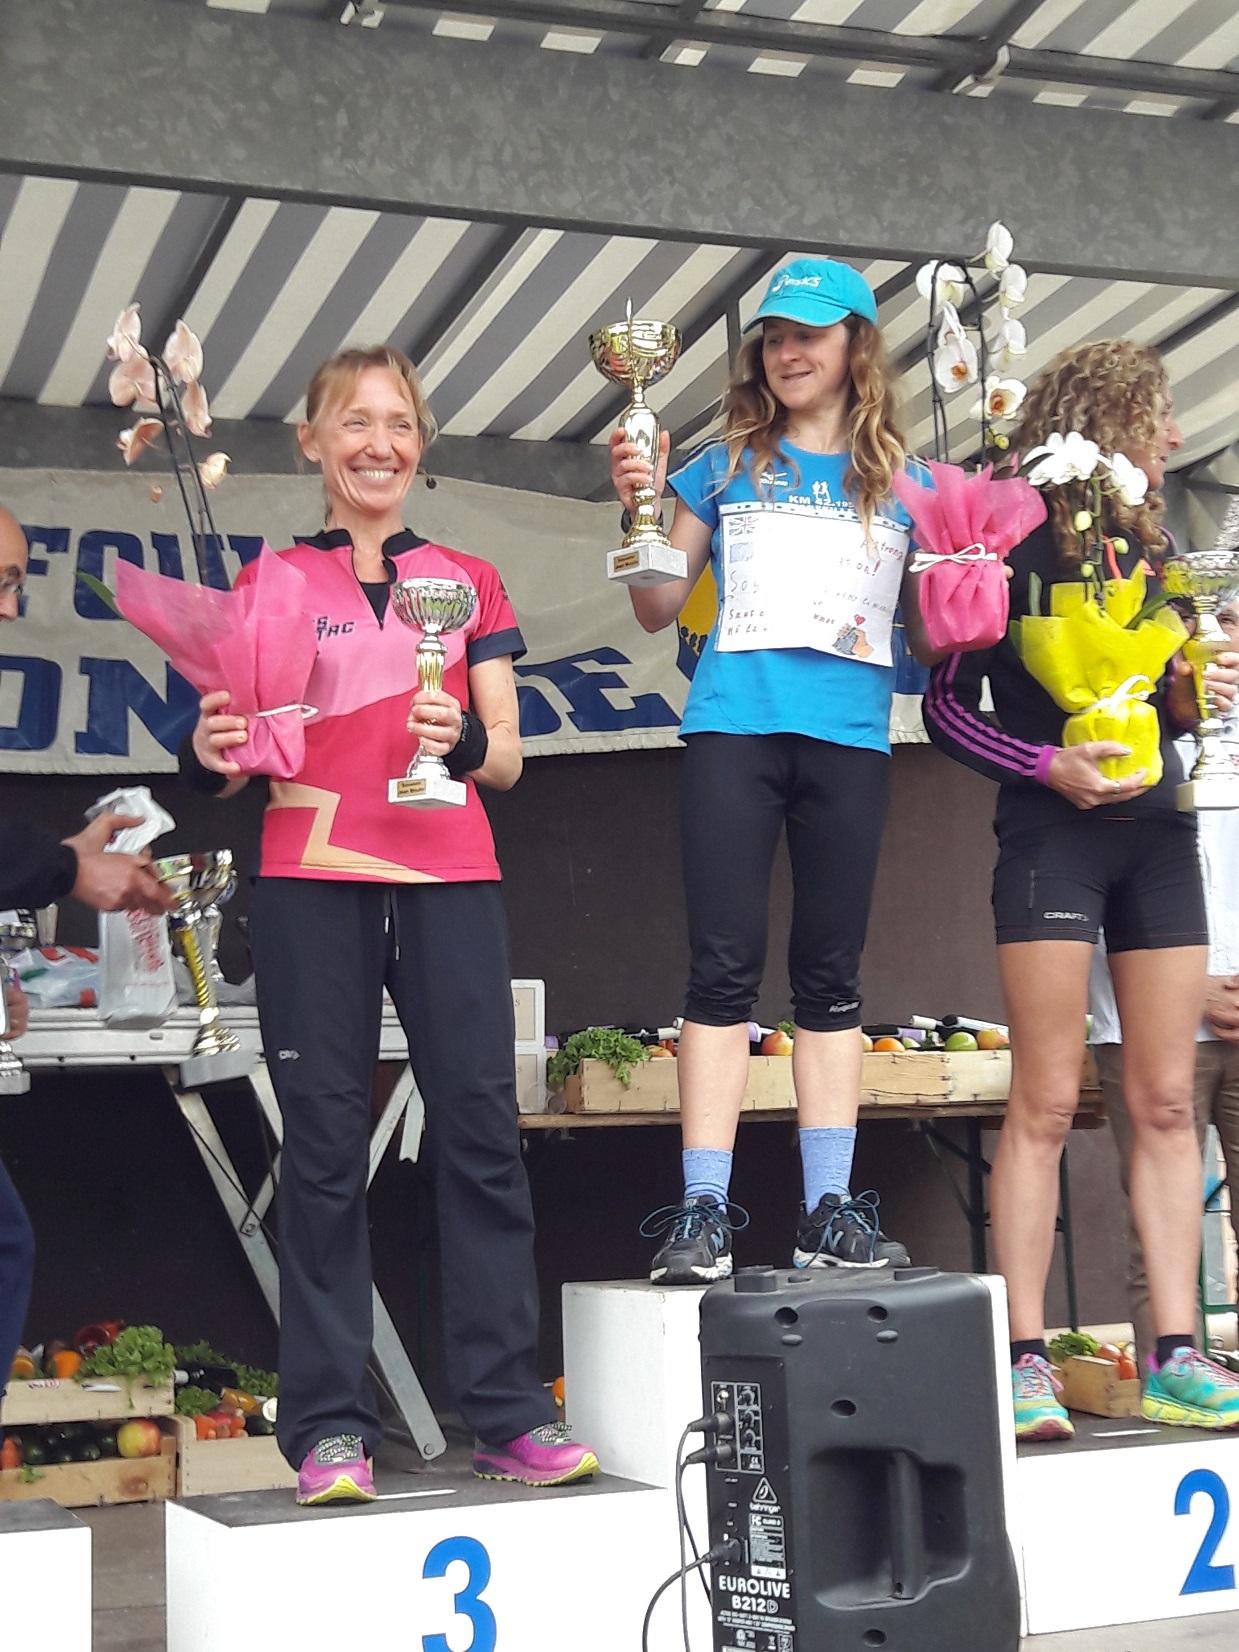 6-Agnès sur le podium (3ème au scratch sur le 7km)